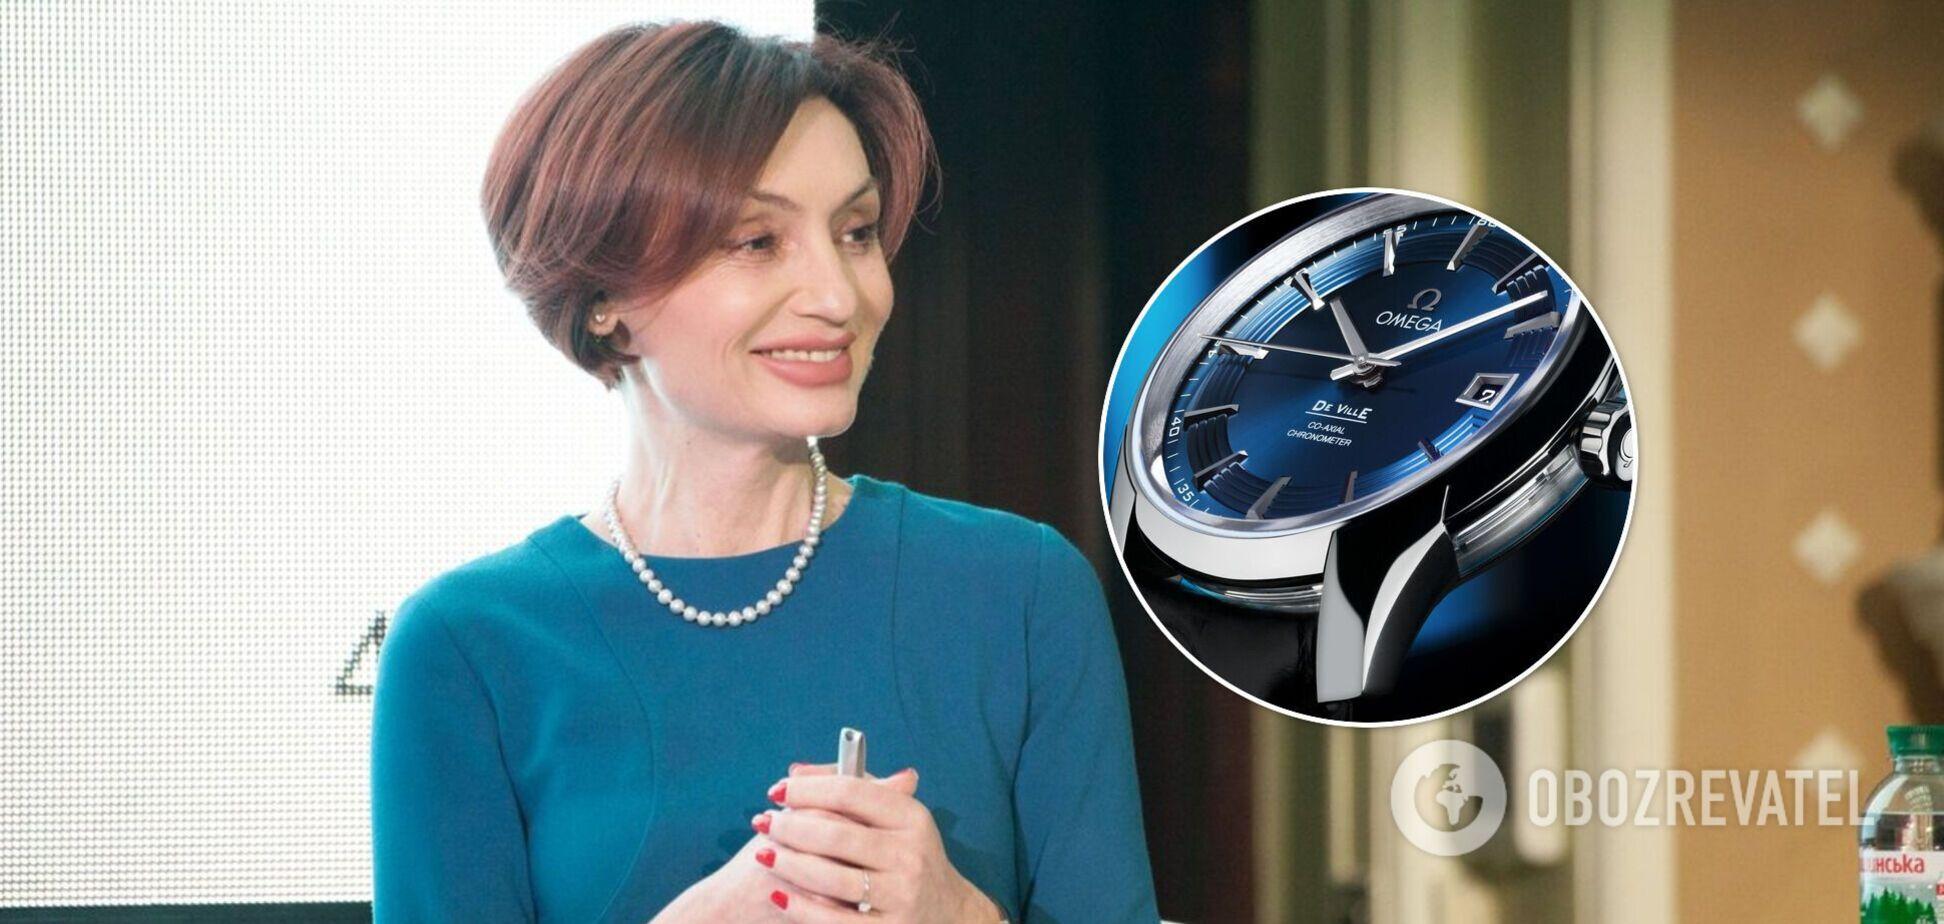 Рожкова указала в декларации часов почти на 7 млн грн